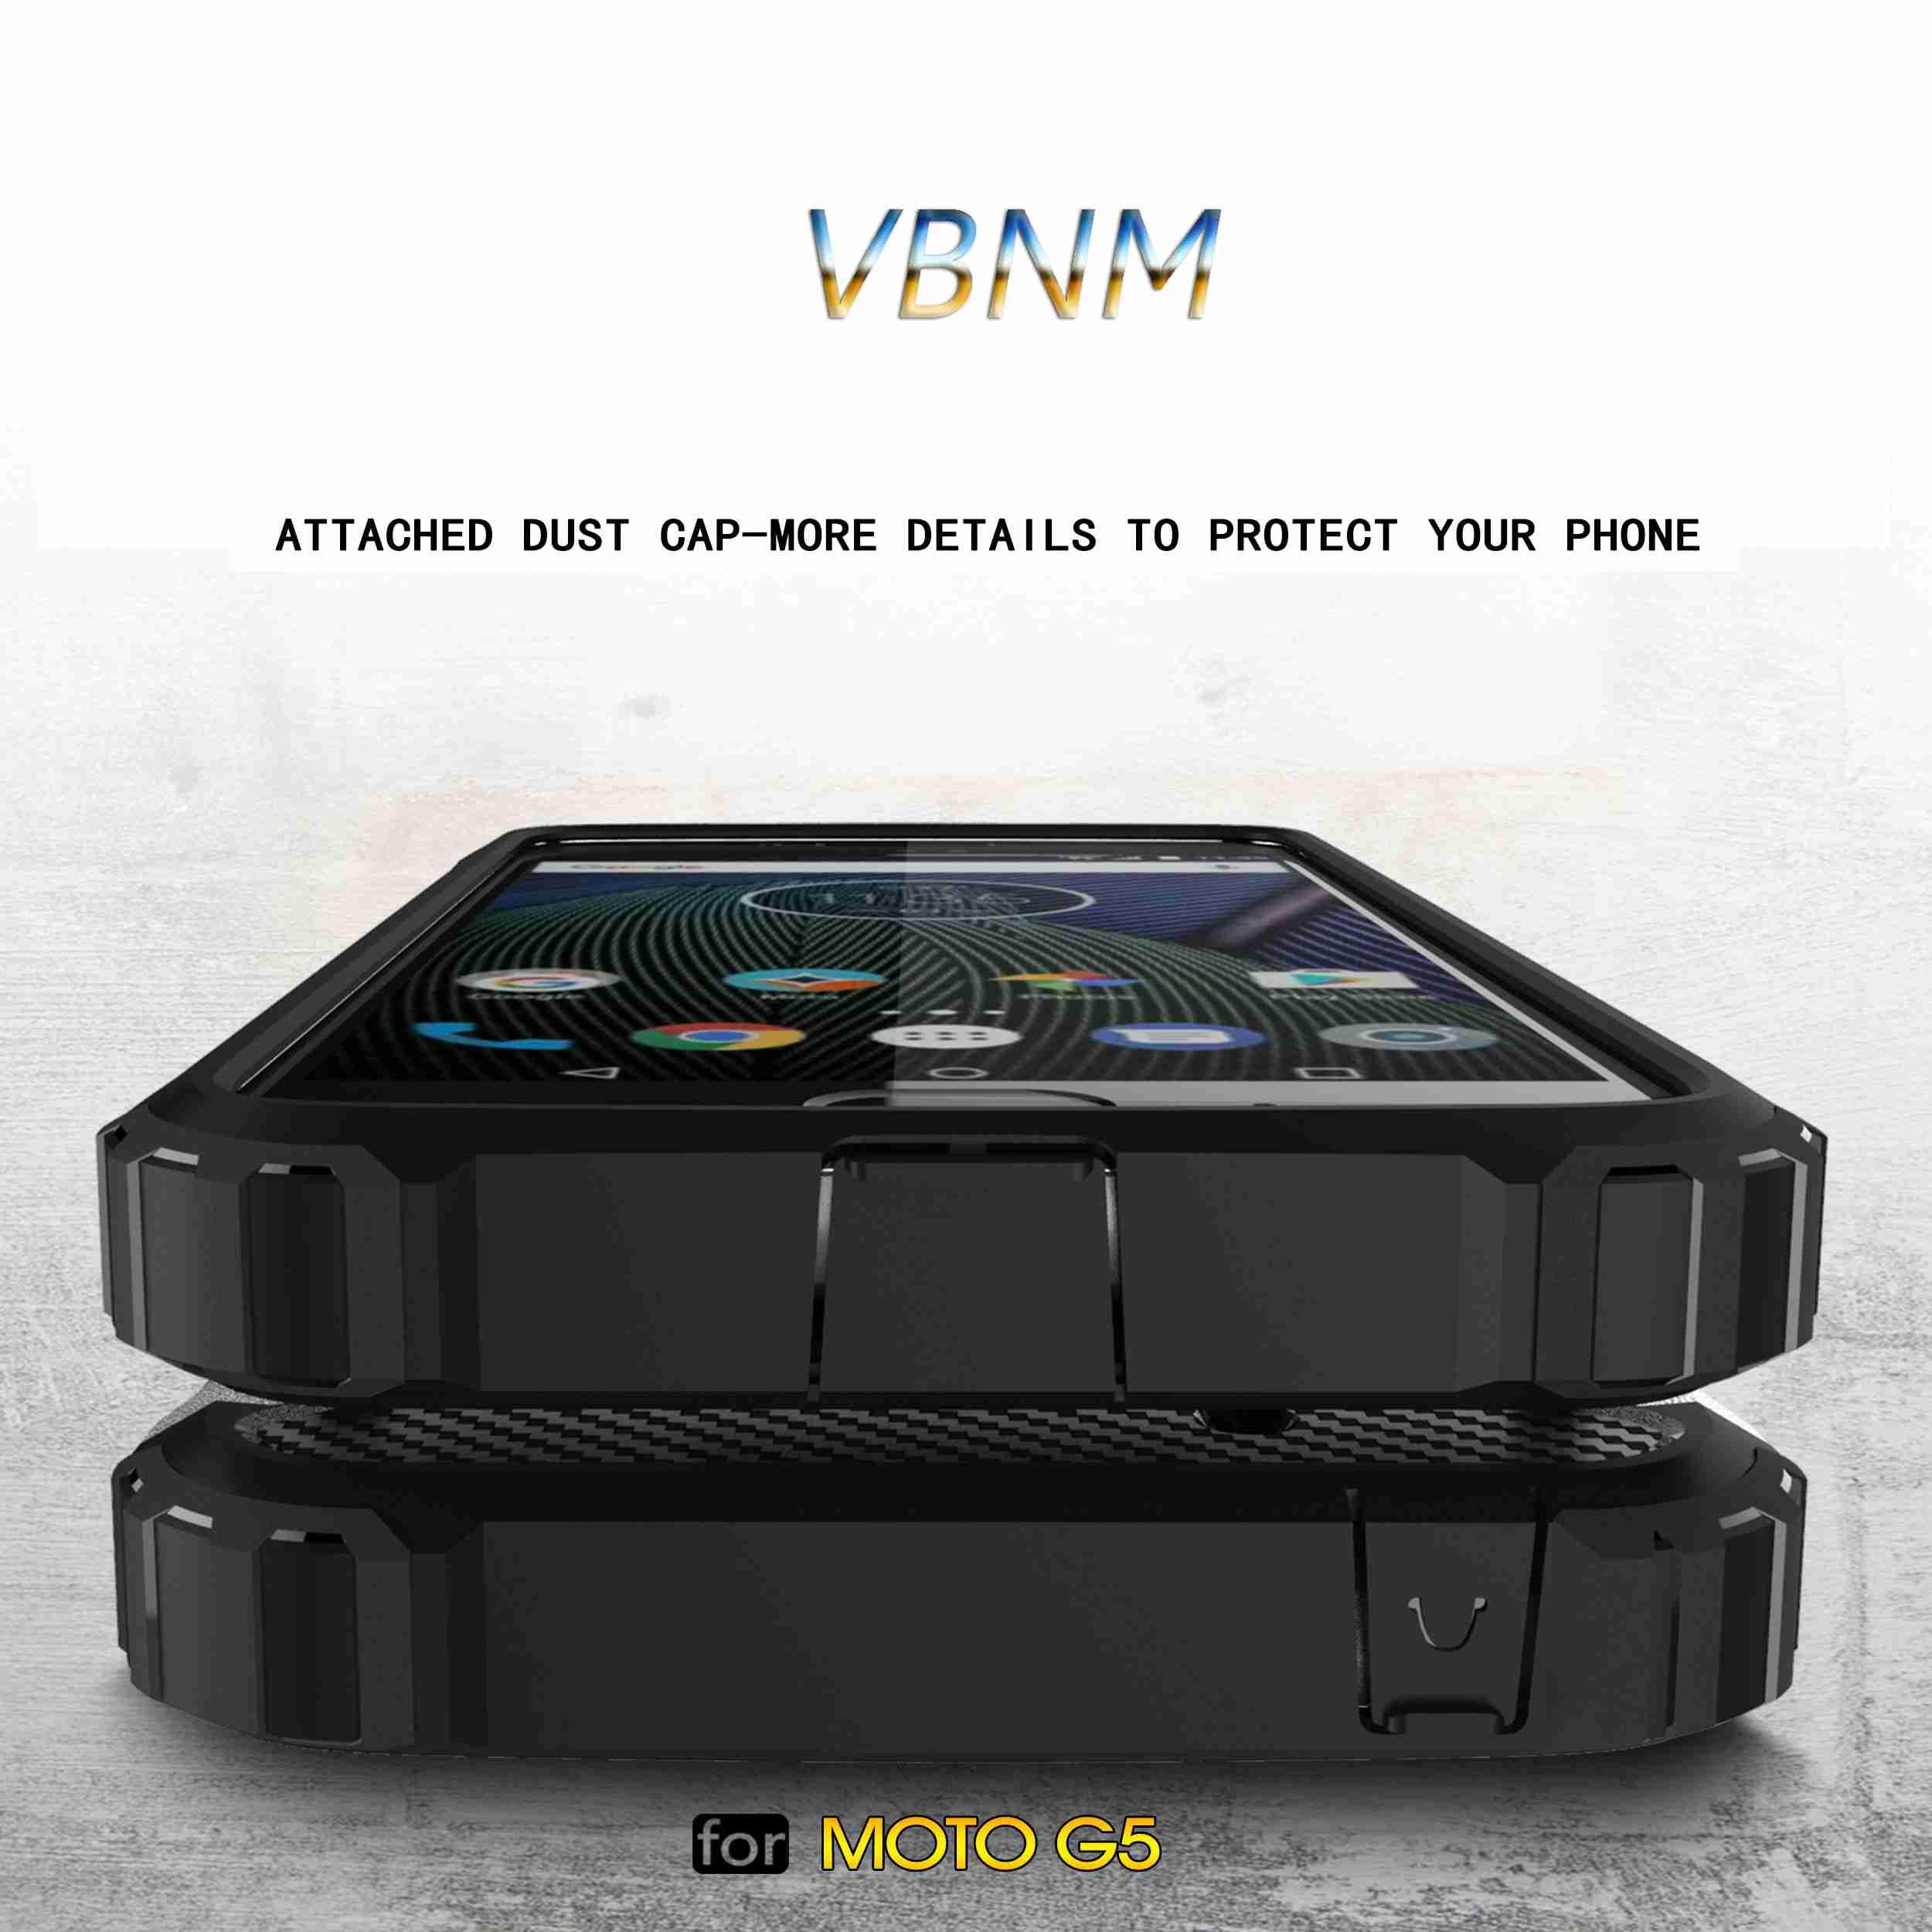 VBNM 360 супер противоударный чехол для телефона для Motorola G5 G5 плюс TPU роскошный Coque для <font><b>Moto</b></font> Z Force телефон оболочки для мото <font><b>G3</b></font> крышка